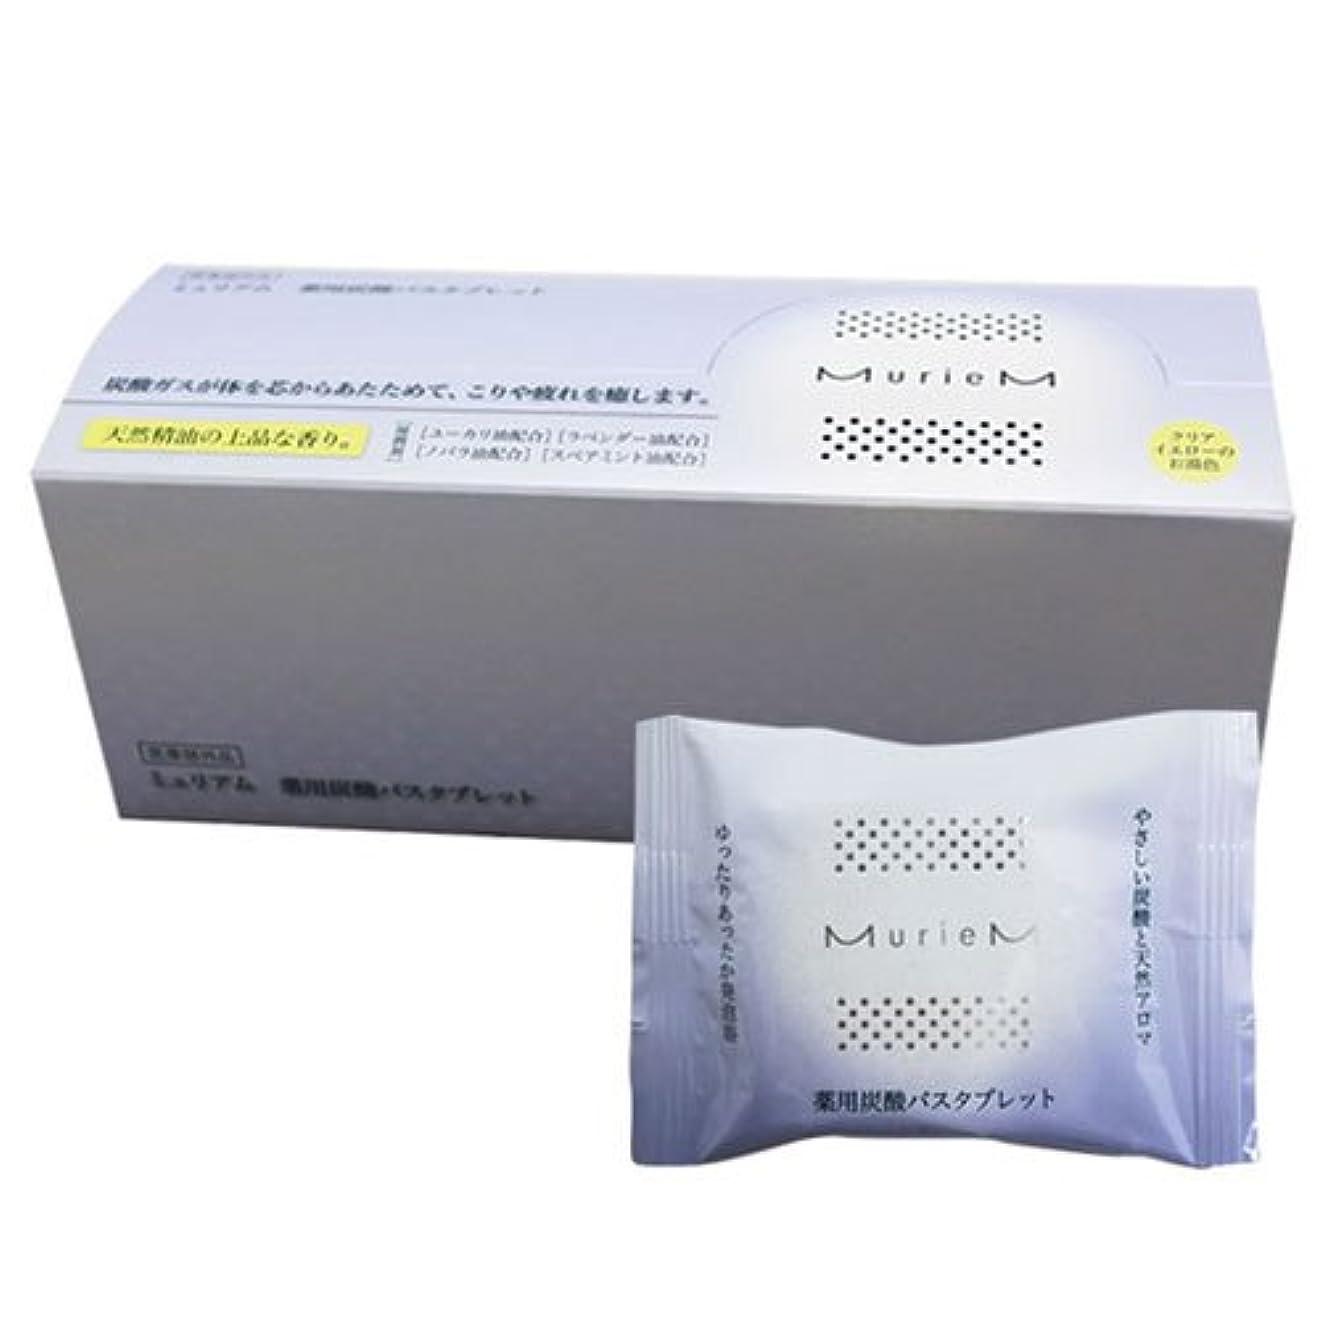 フィラデルフィアタヒチクライアントナンバースリー ミュリアム 薬用炭酸バスタブレット 30g×10包 [医薬部外品]